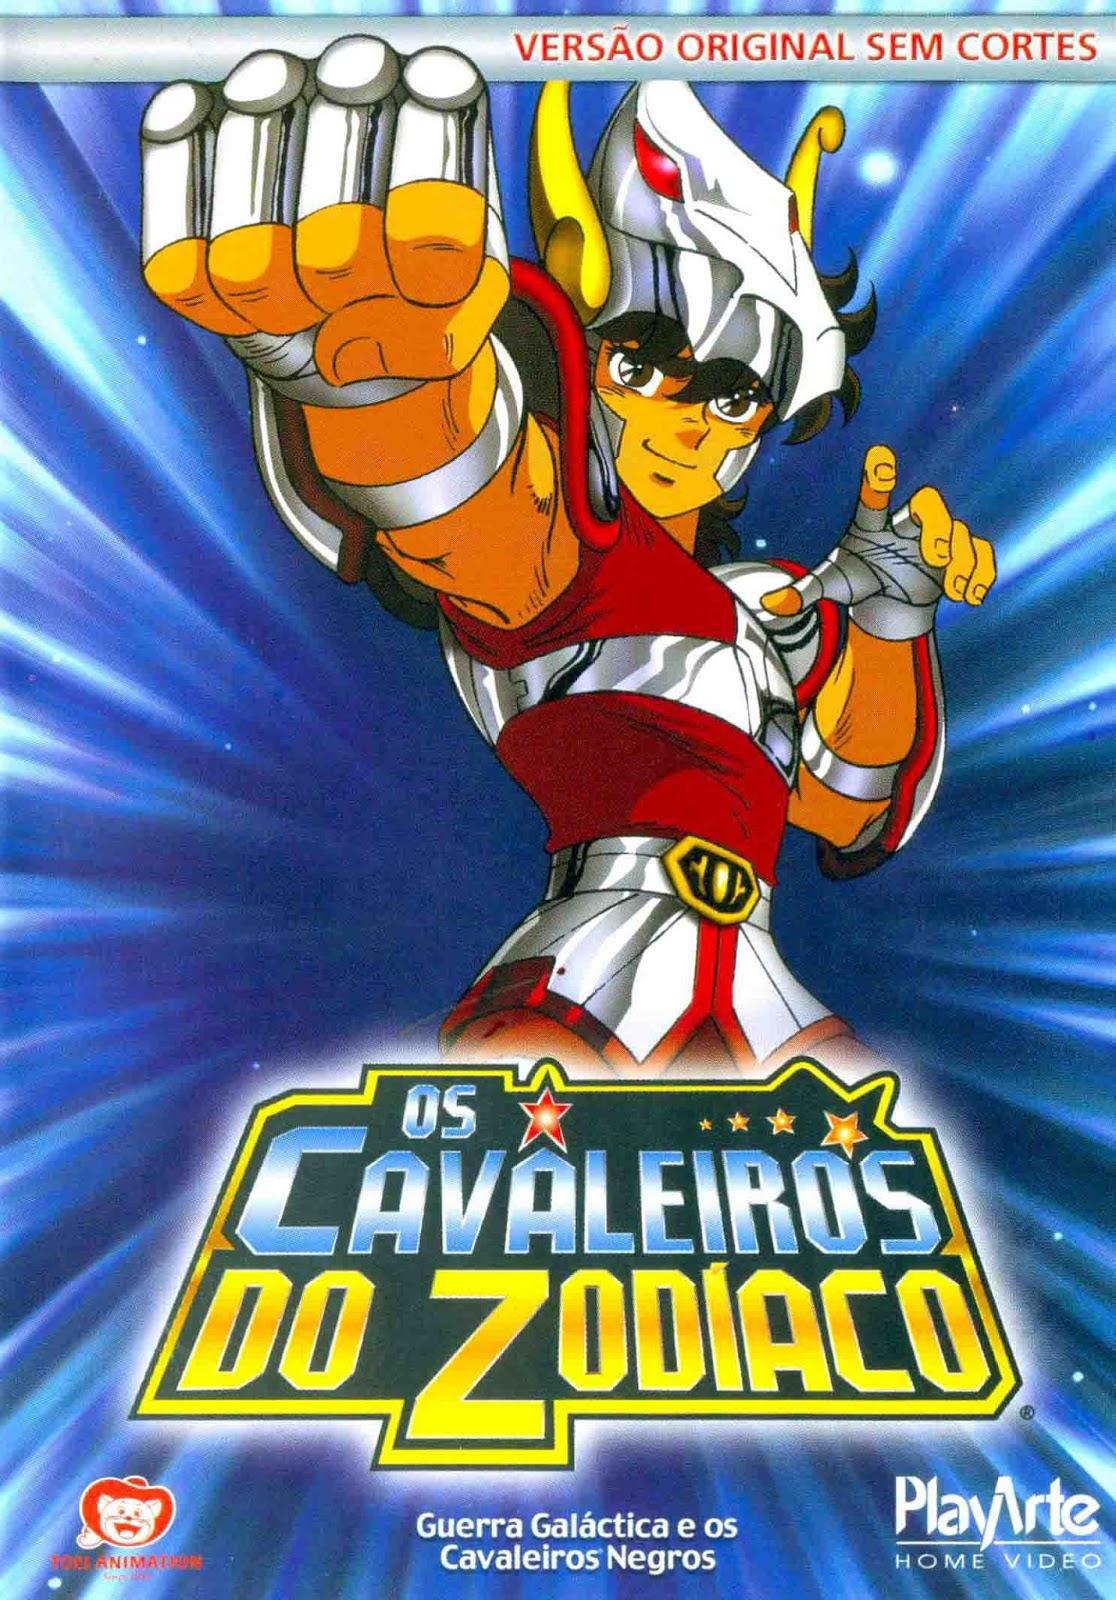 Os Cavaleiros do Zodíaco: Saga Torneio Galáctico Torrent – BluRay 1080p Dual Áudio (1986-1989)